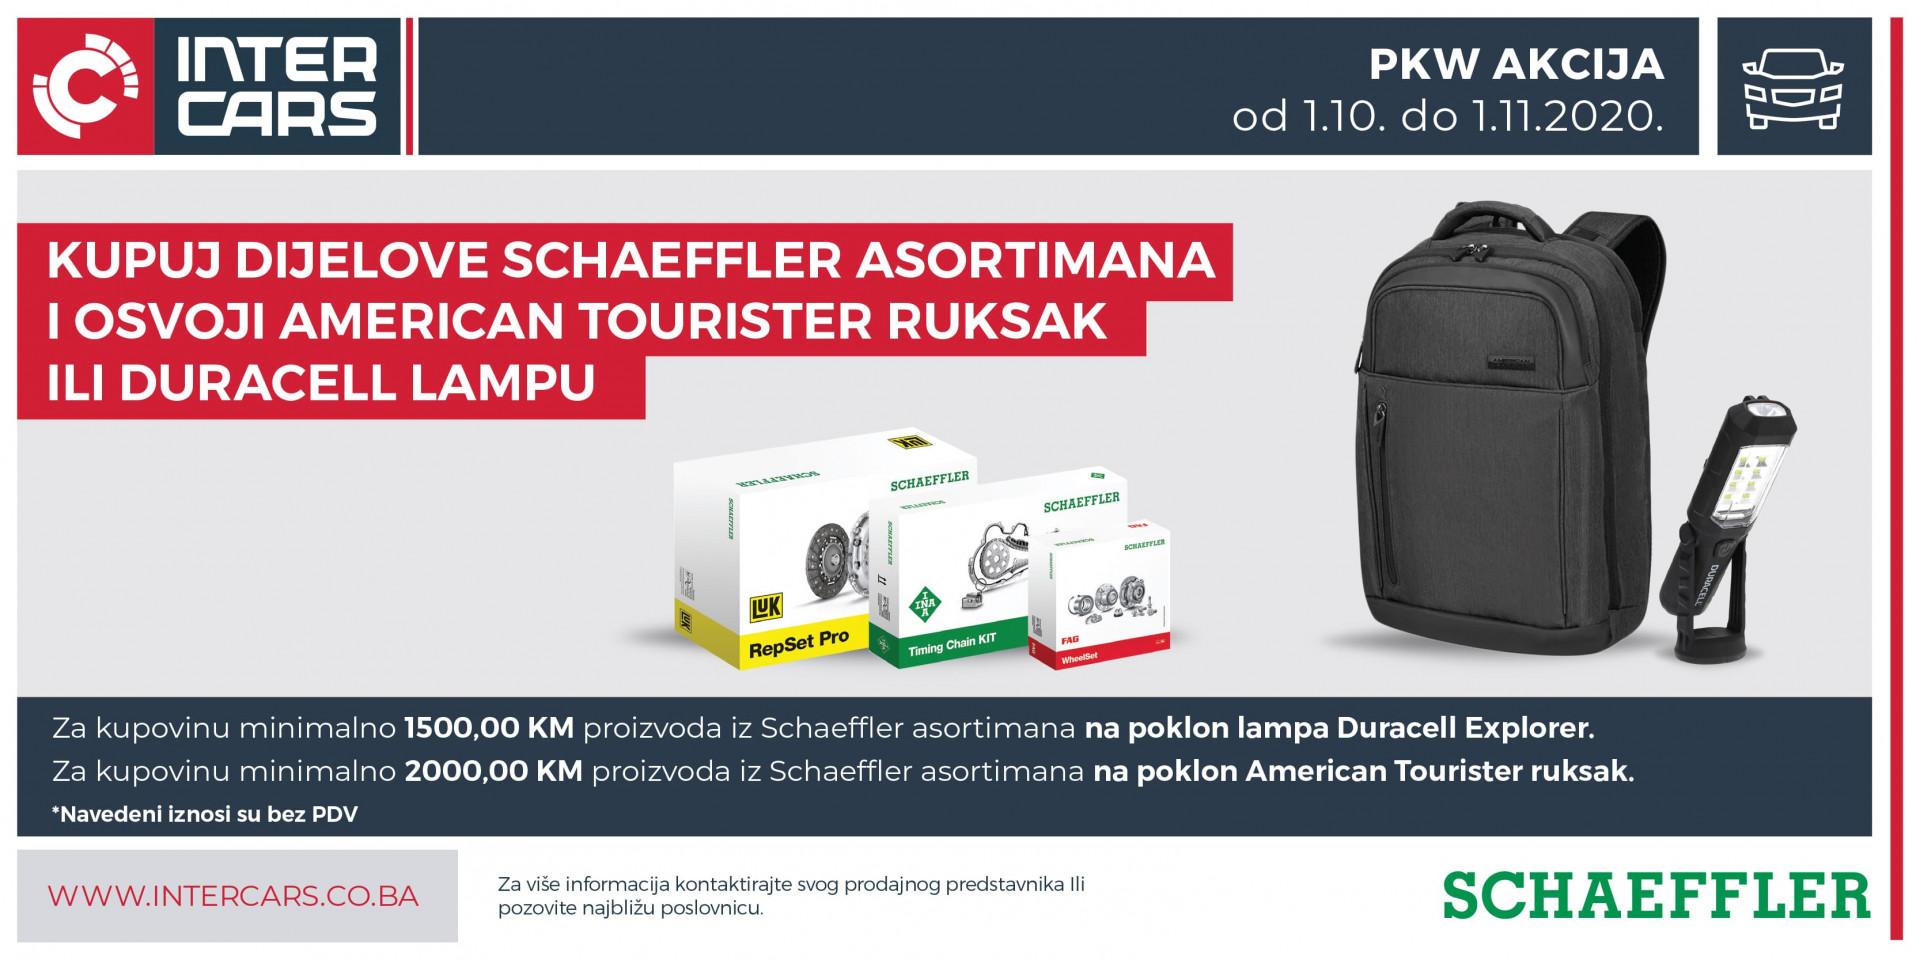 schaeffler PKW letak 800x400.jpg